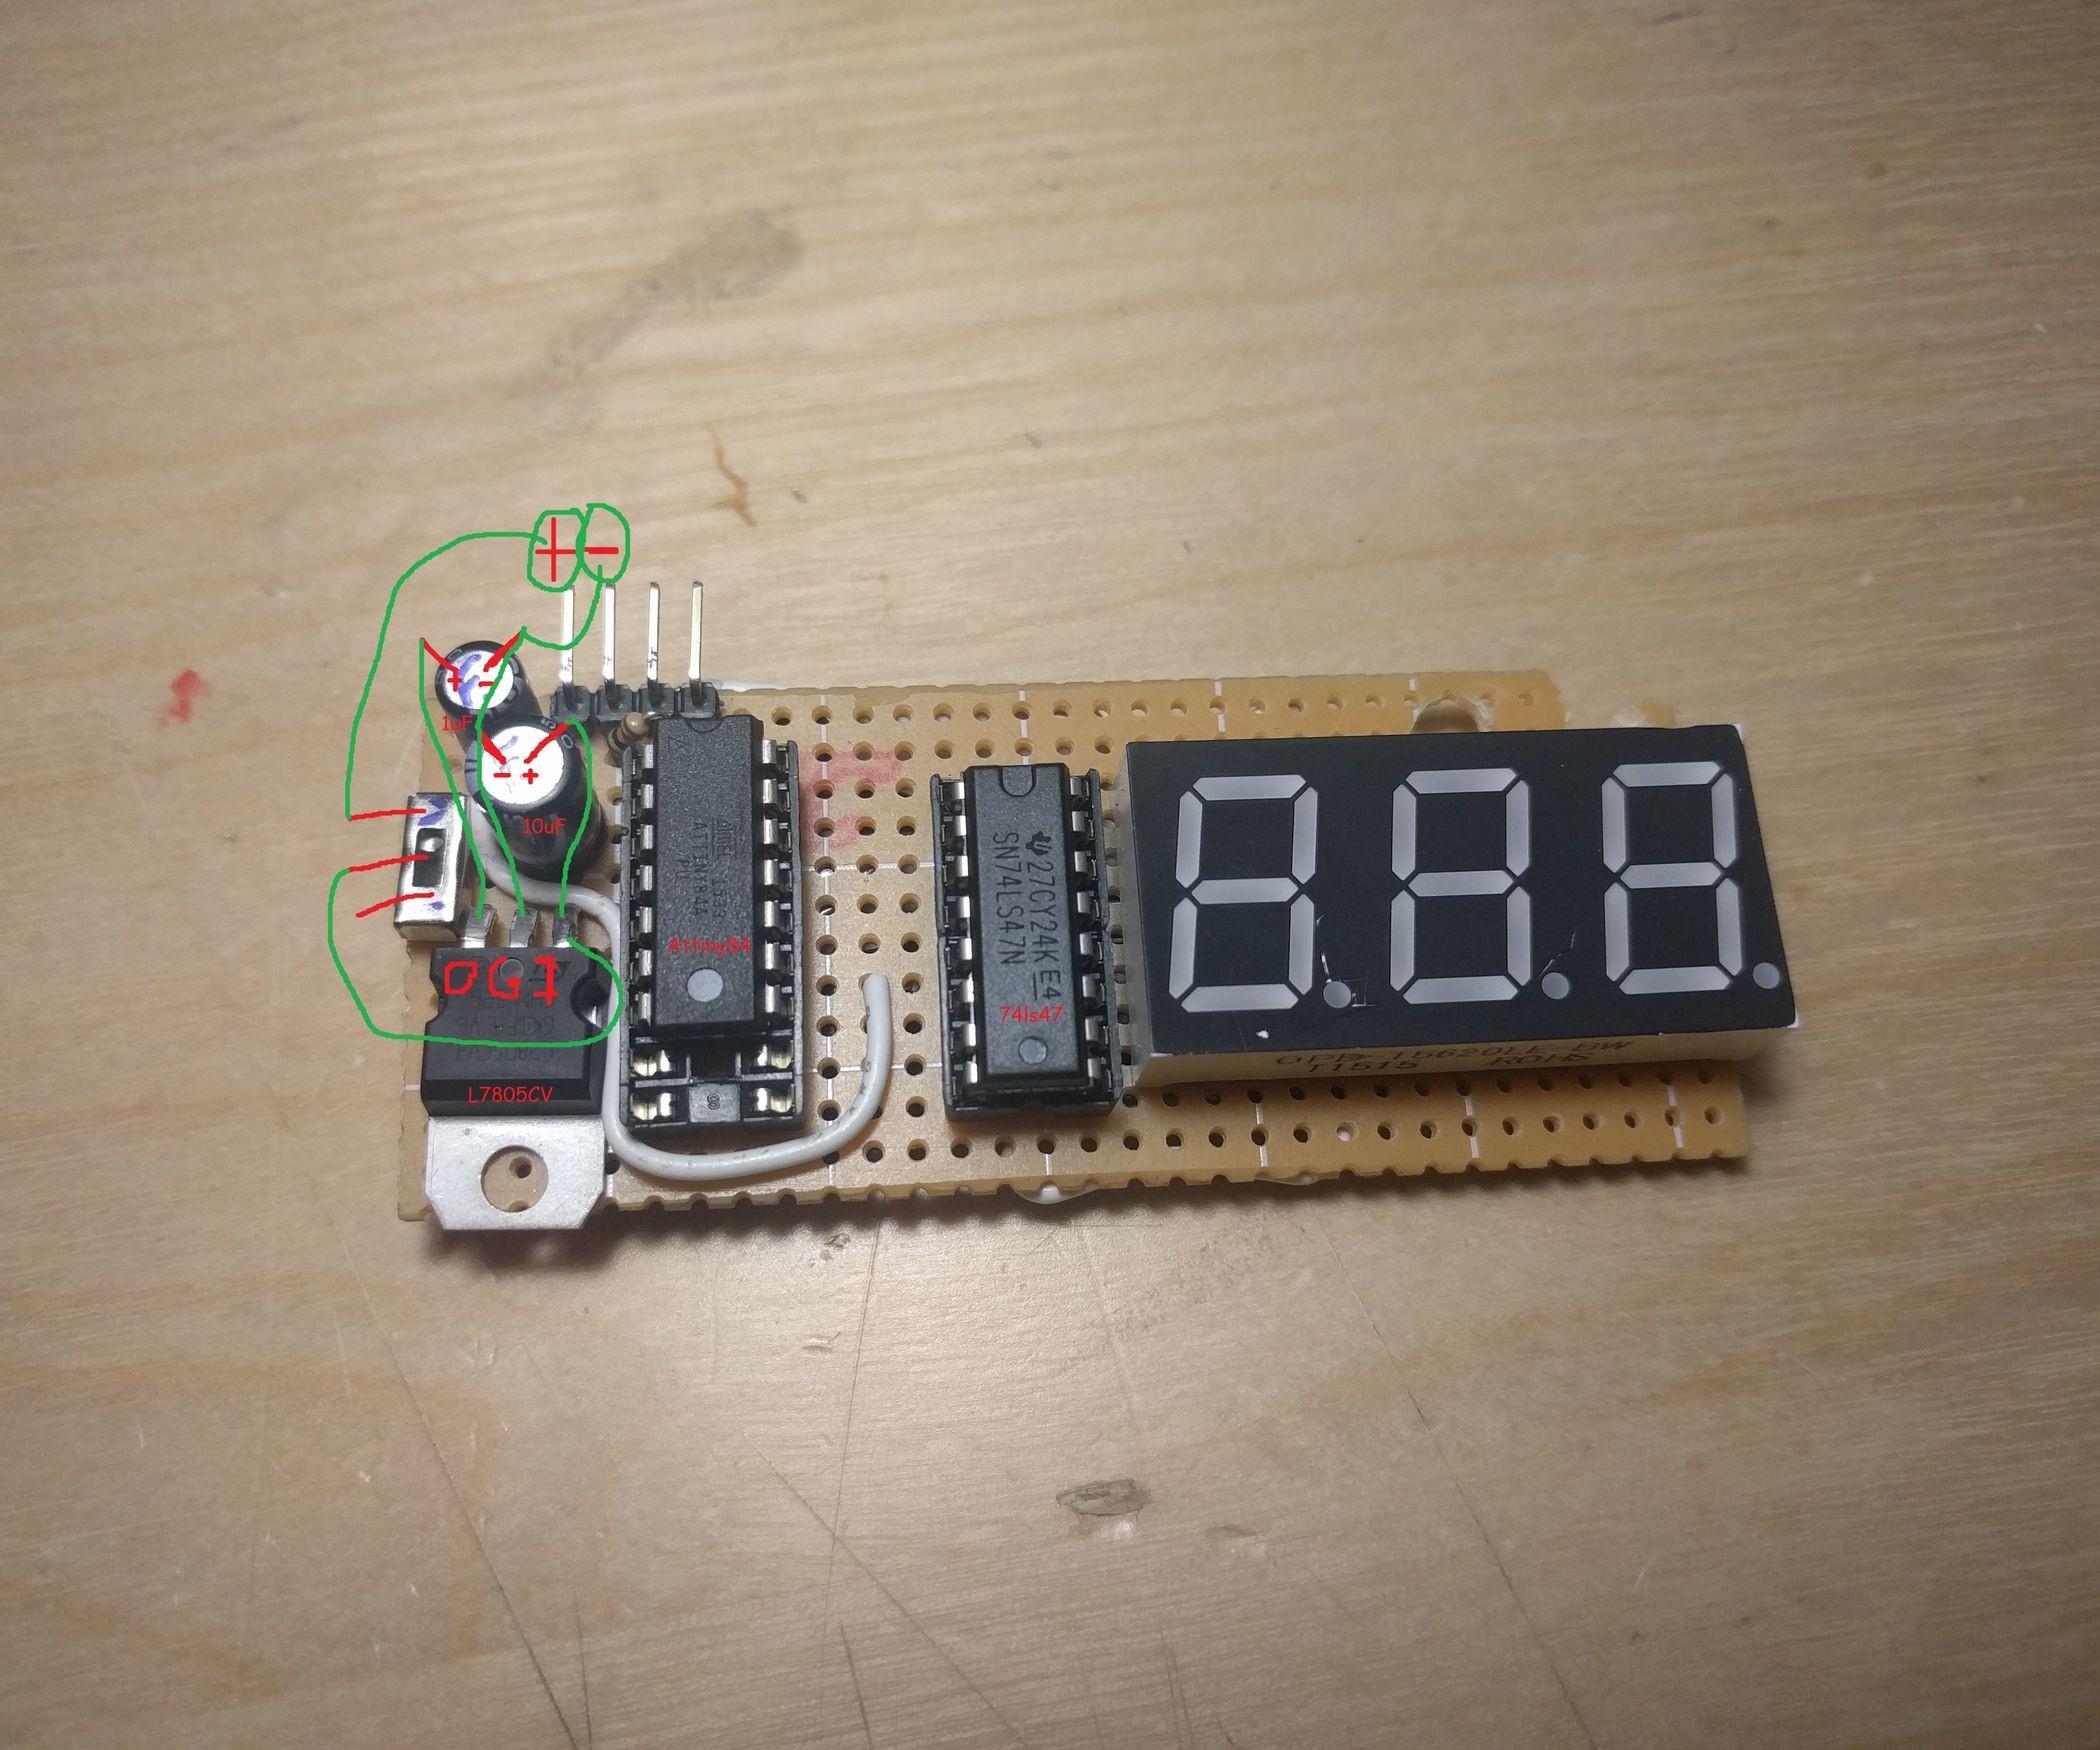 Digital Speedometer Circuit Diagram for Motorcycle | My ...